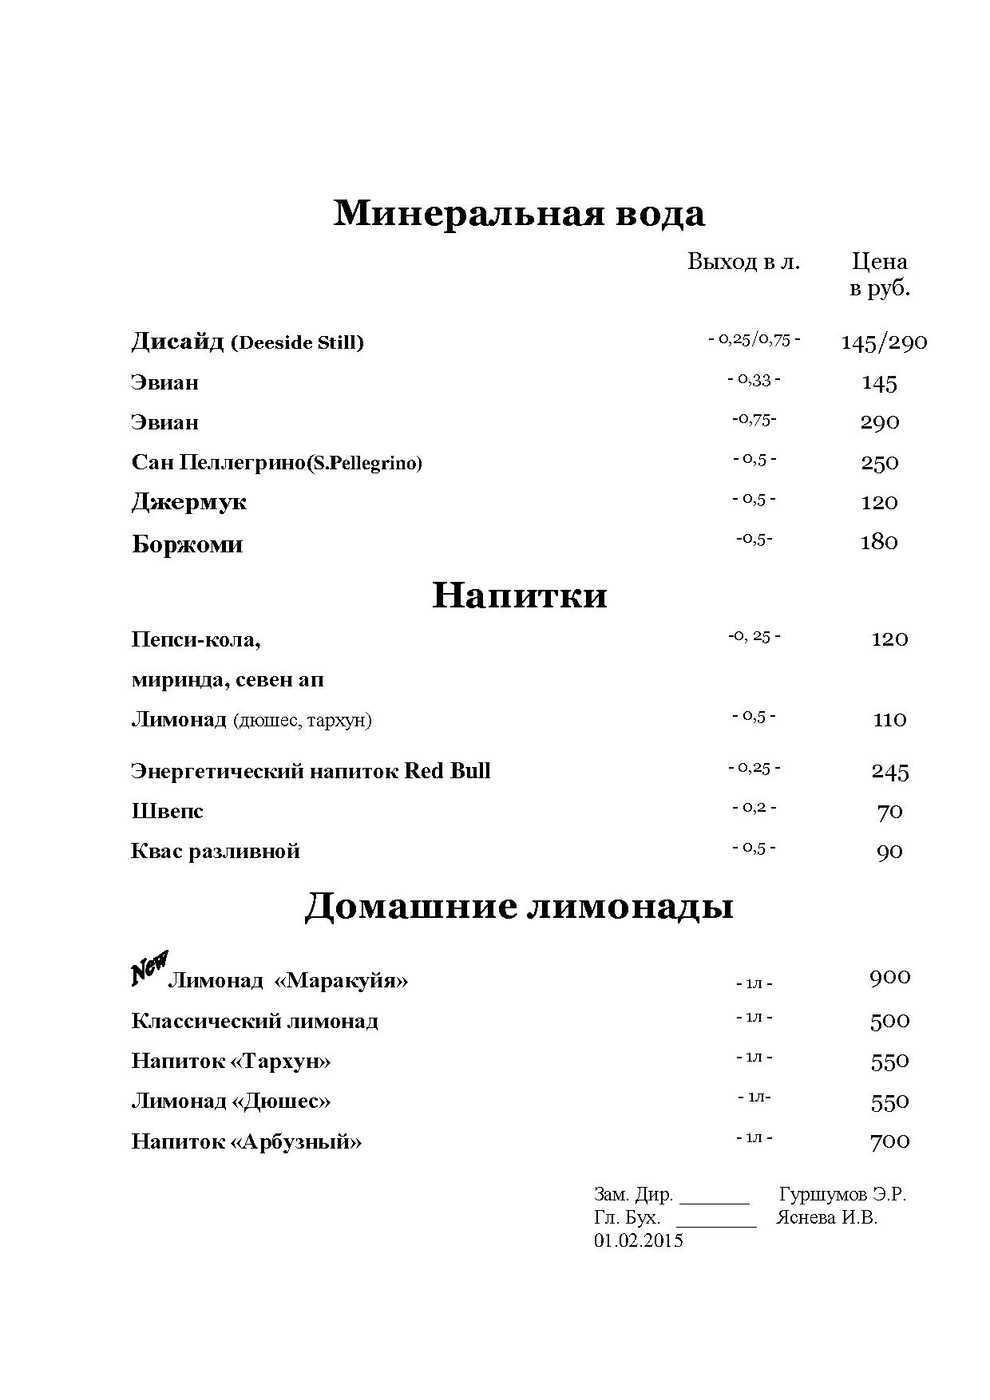 Меню ресторана Боярский на Даниловской набережной